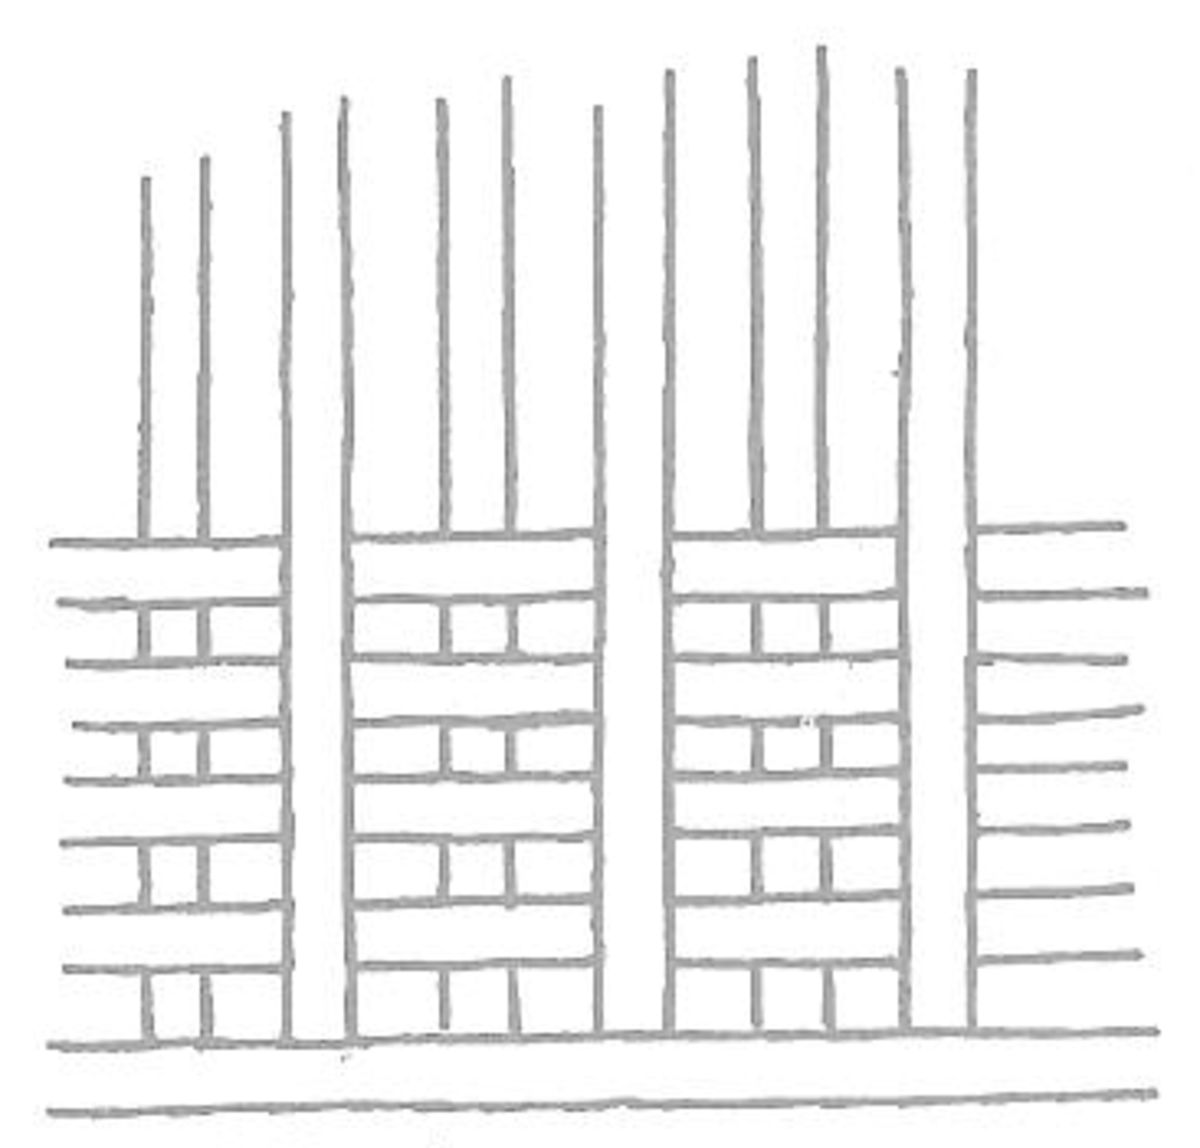 Figure 4: Slewing